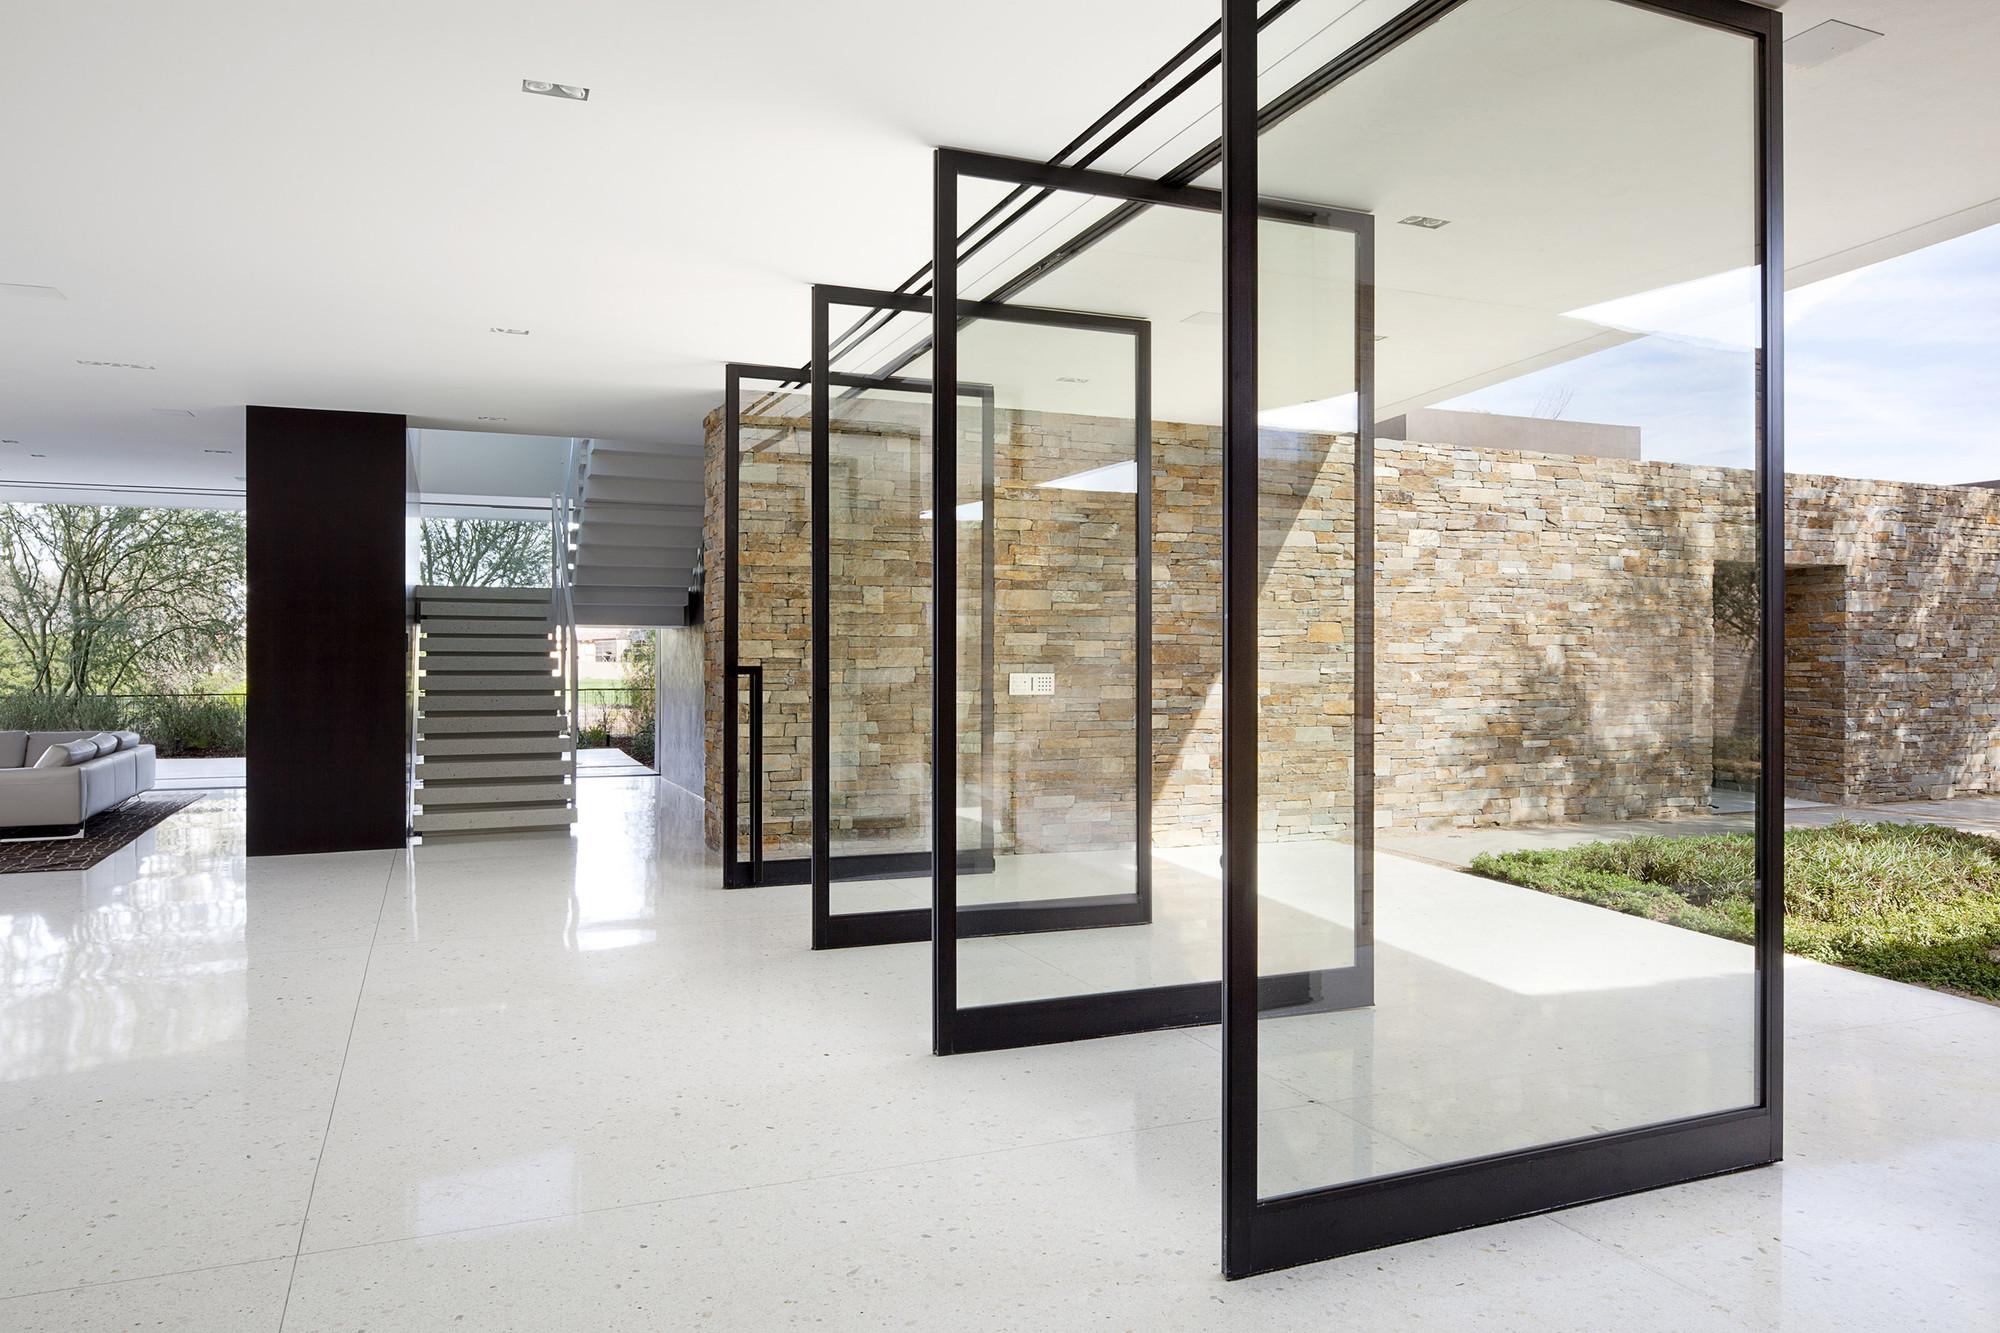 Marvelous Awe Inspiring Madison House Xten Architecture Archdaily Free Home Designs  Photos Ideas Pokmenpayus